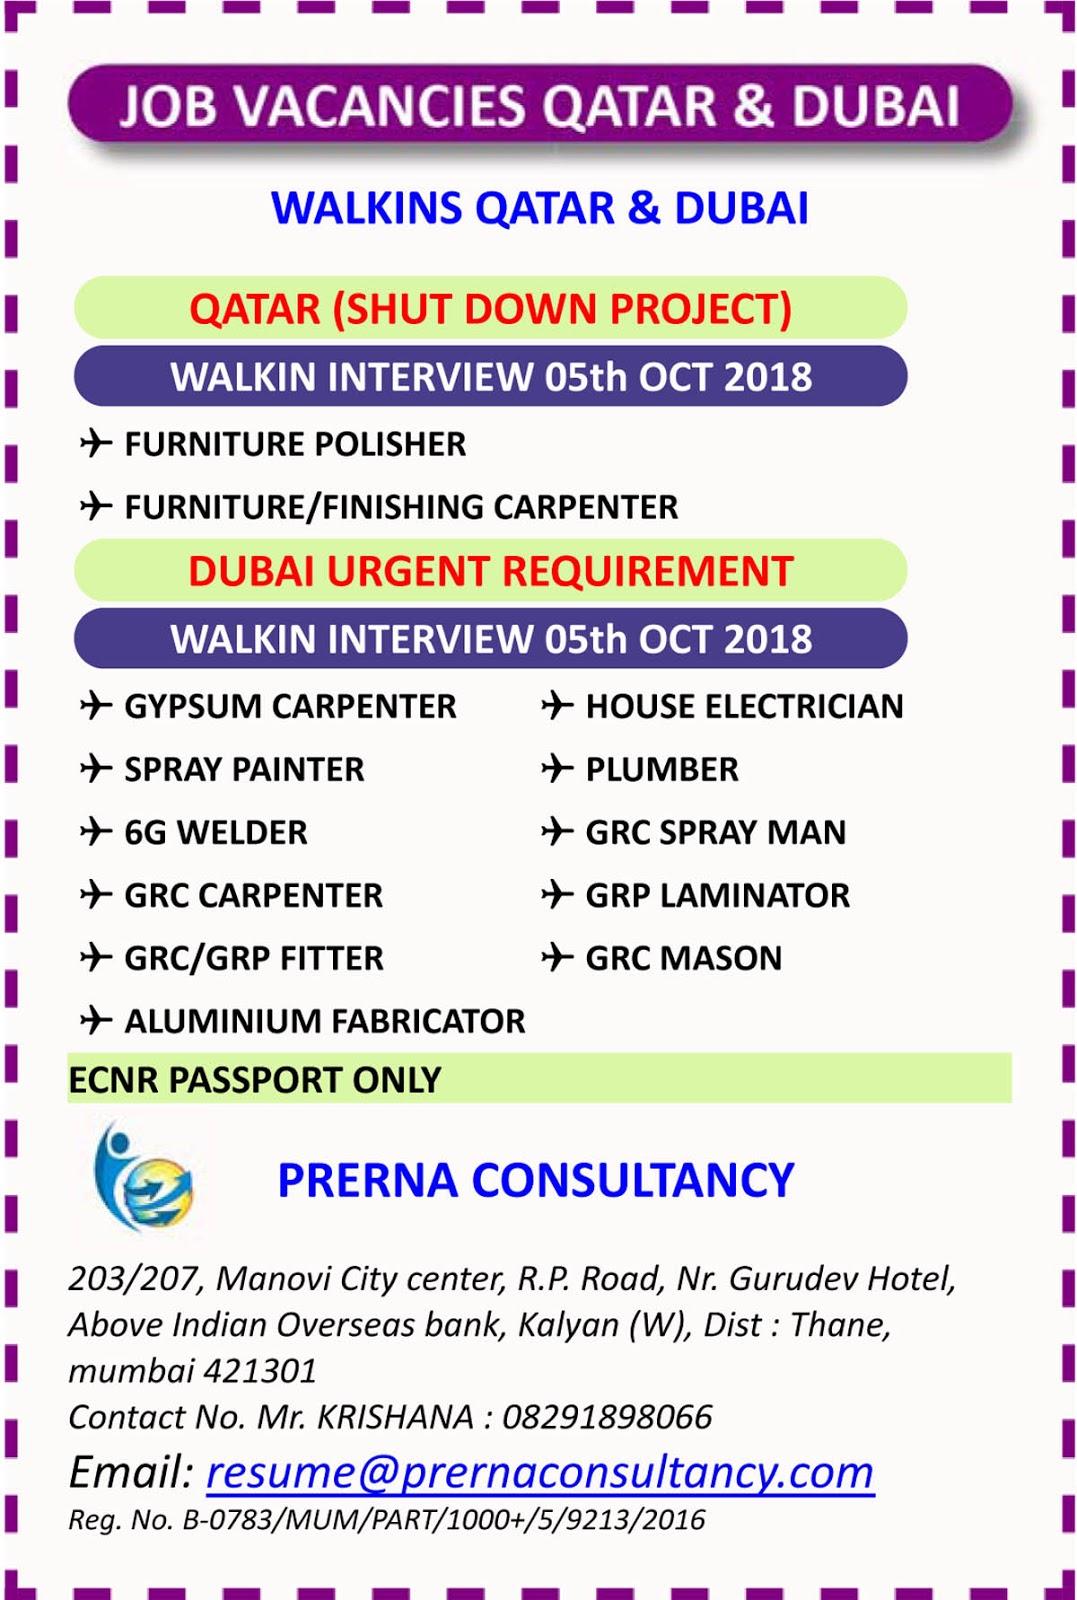 Gulf jobs walkin for QATAR